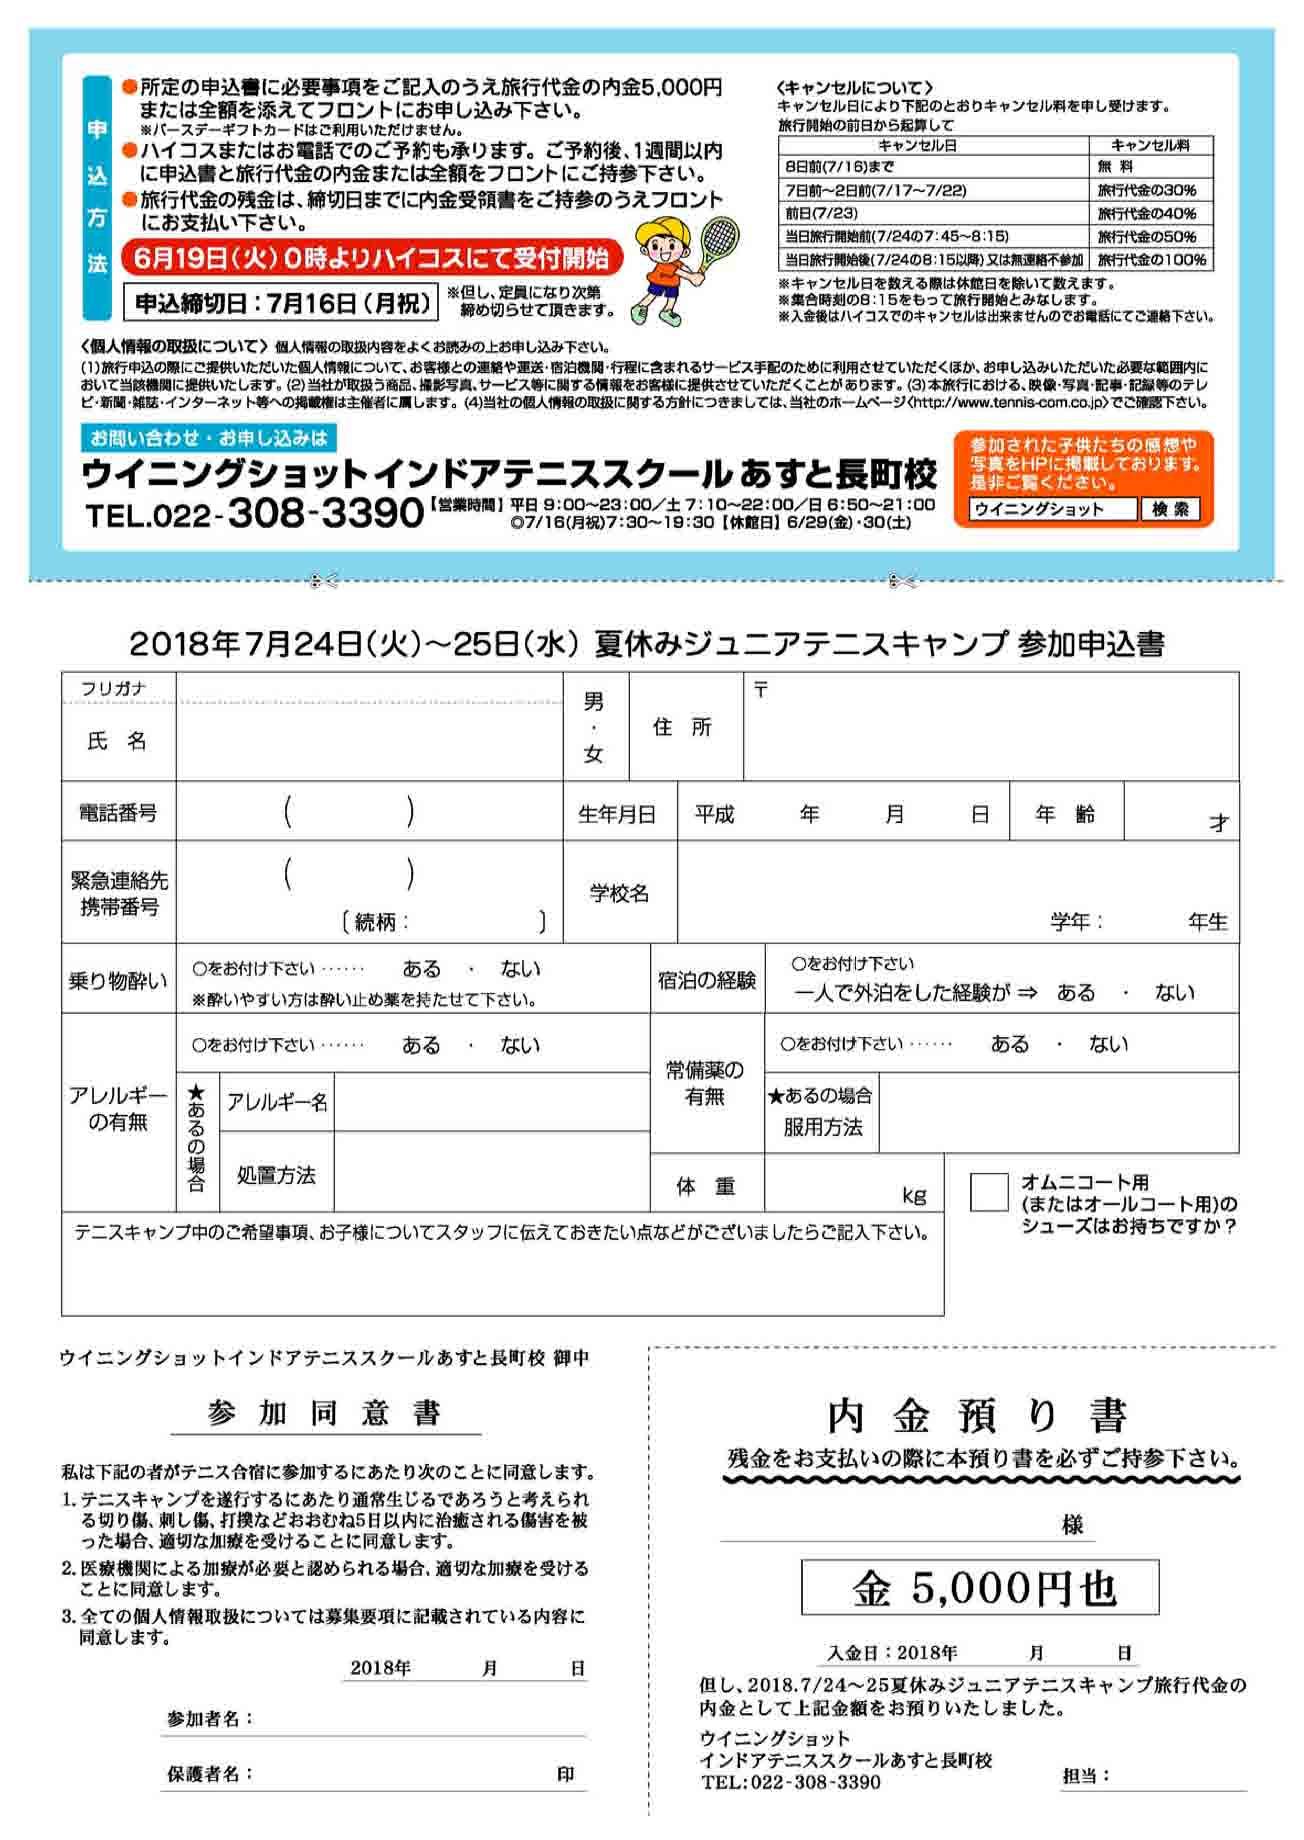 【7/24~25開催】夏休みジュニアテニスキャンプ